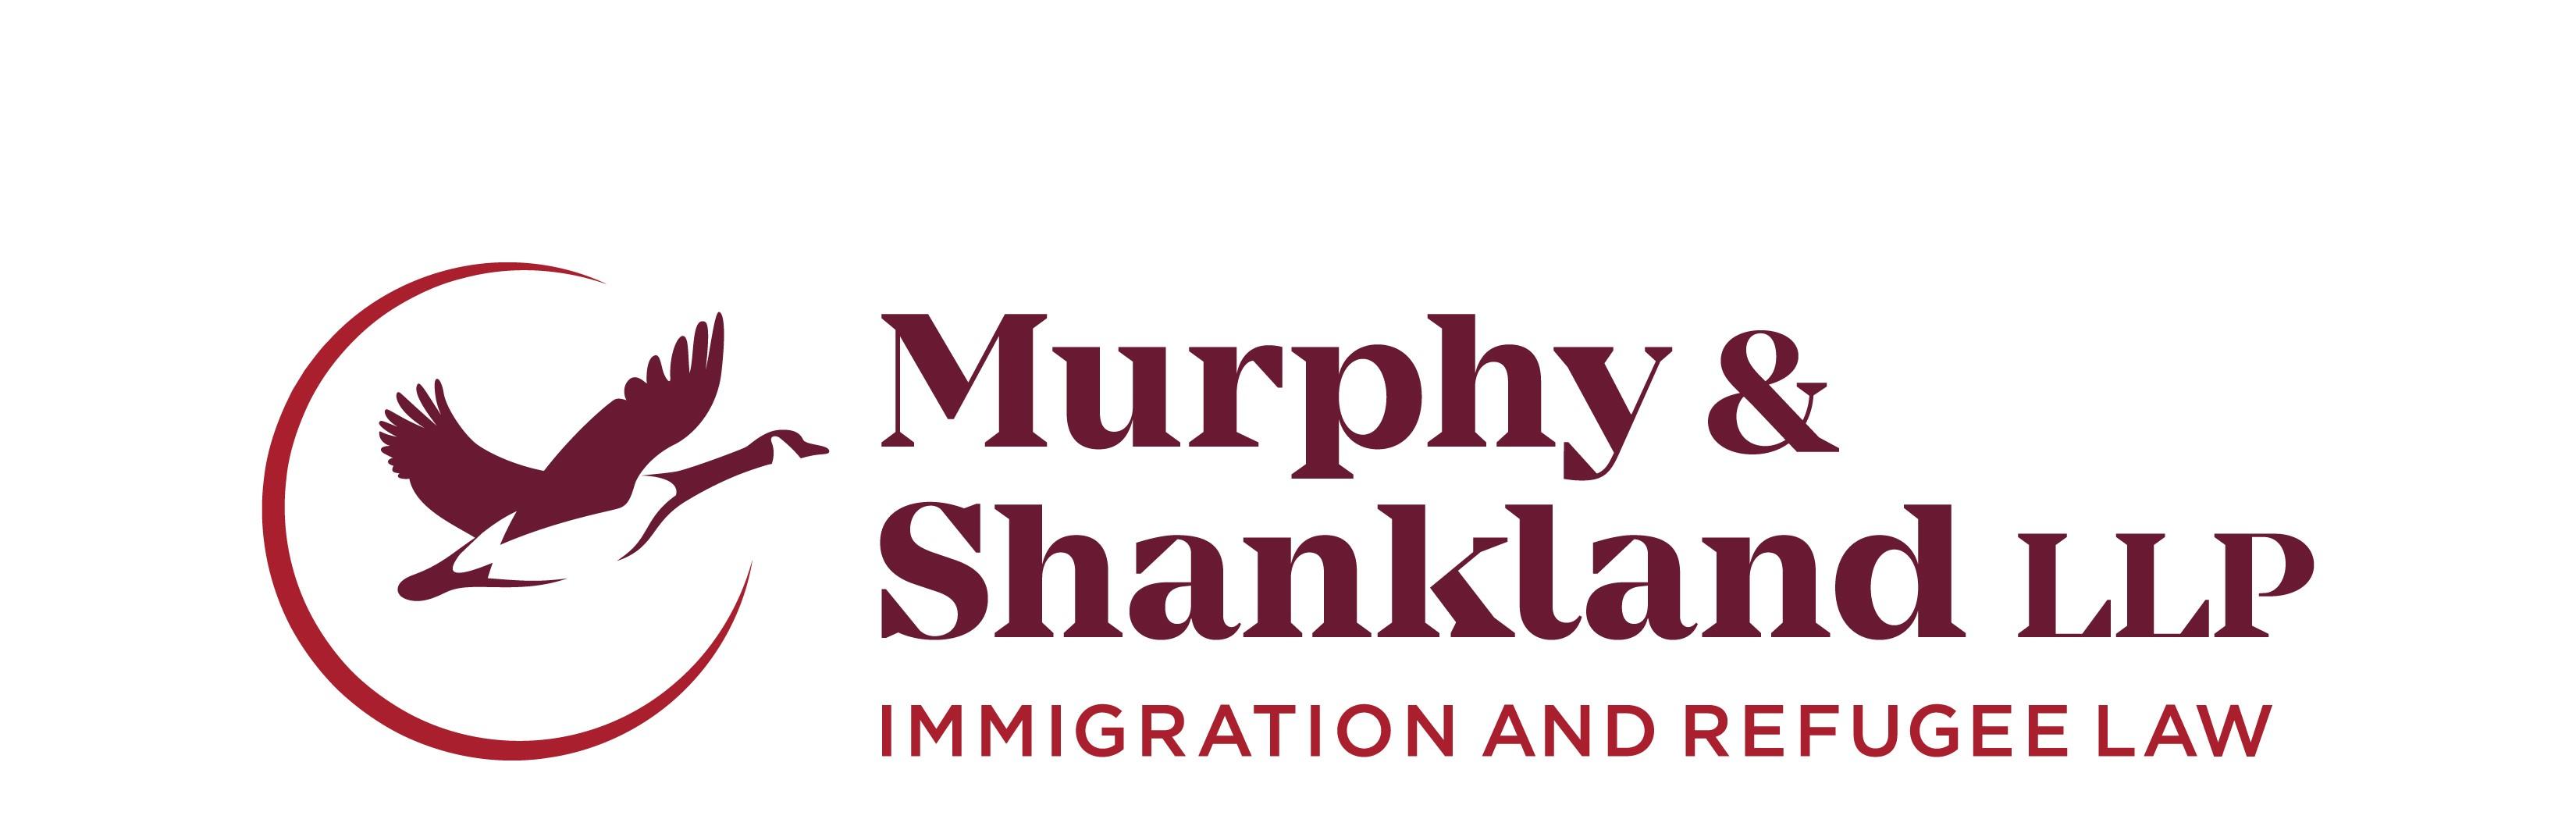 Murphy & Shankland LLP